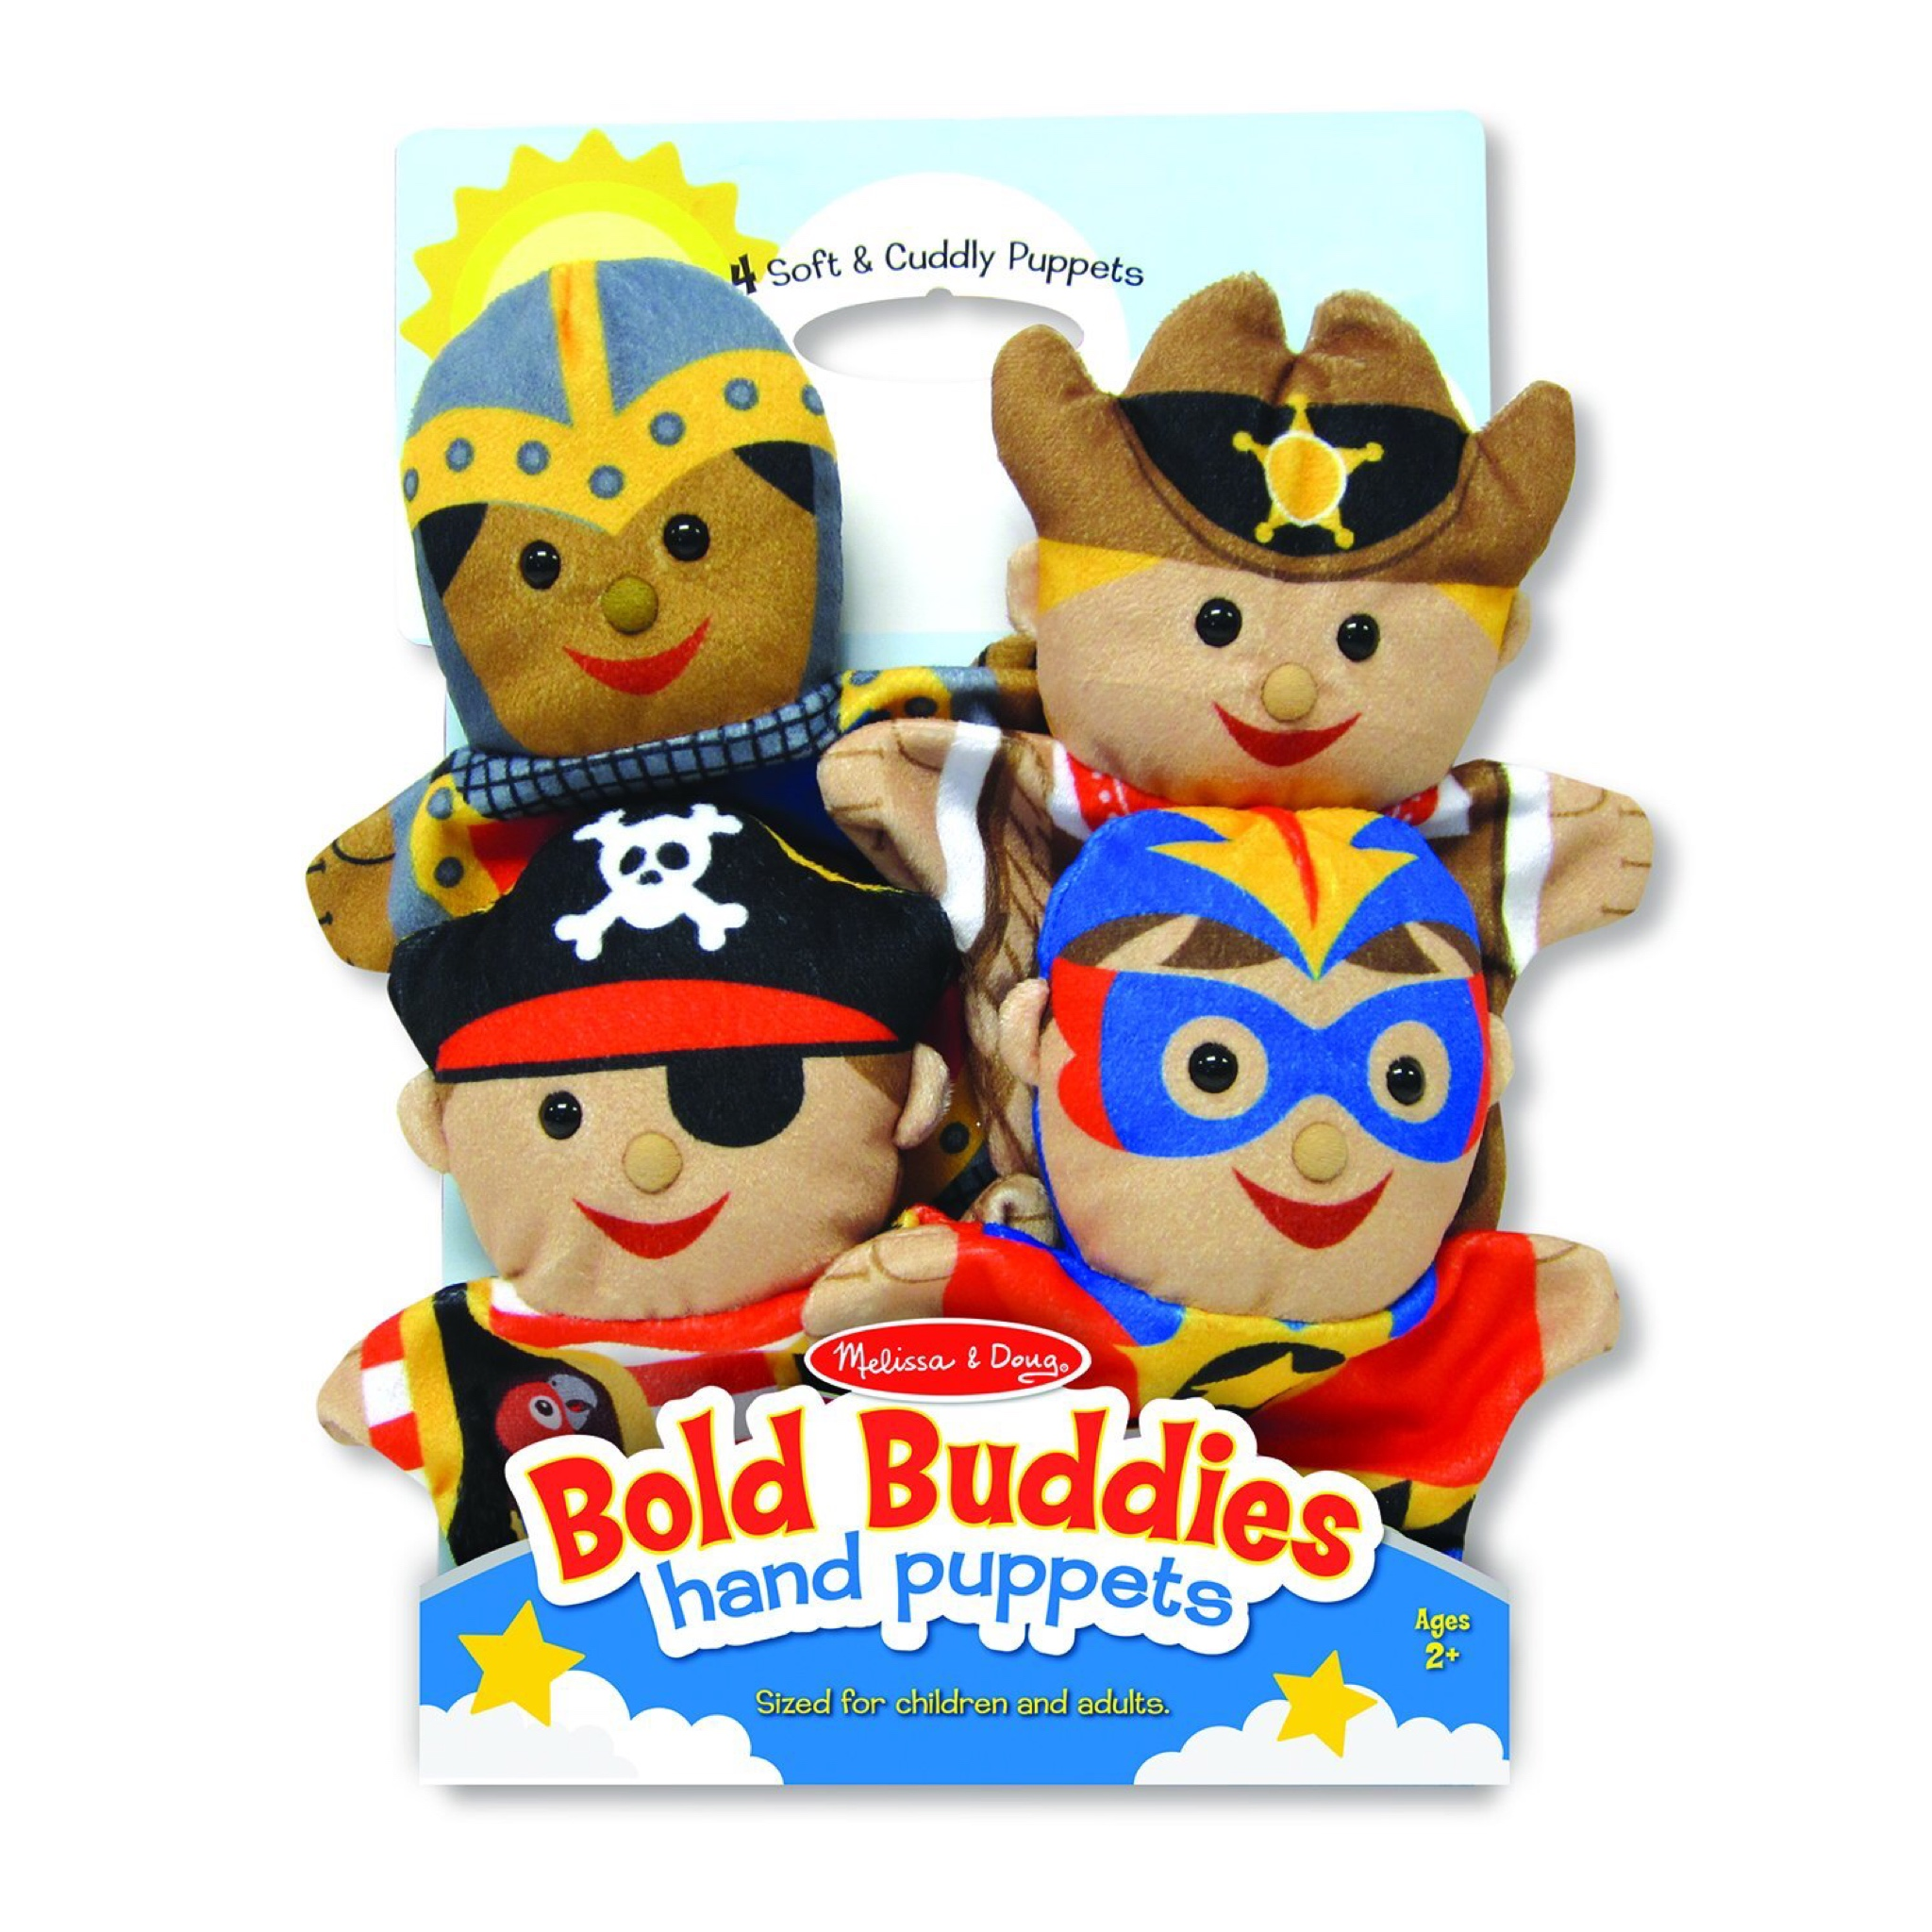 ชุดตุ๊กตาหุ่นมือ Melissa & Doug Hand Puppets (Bold Buddies)